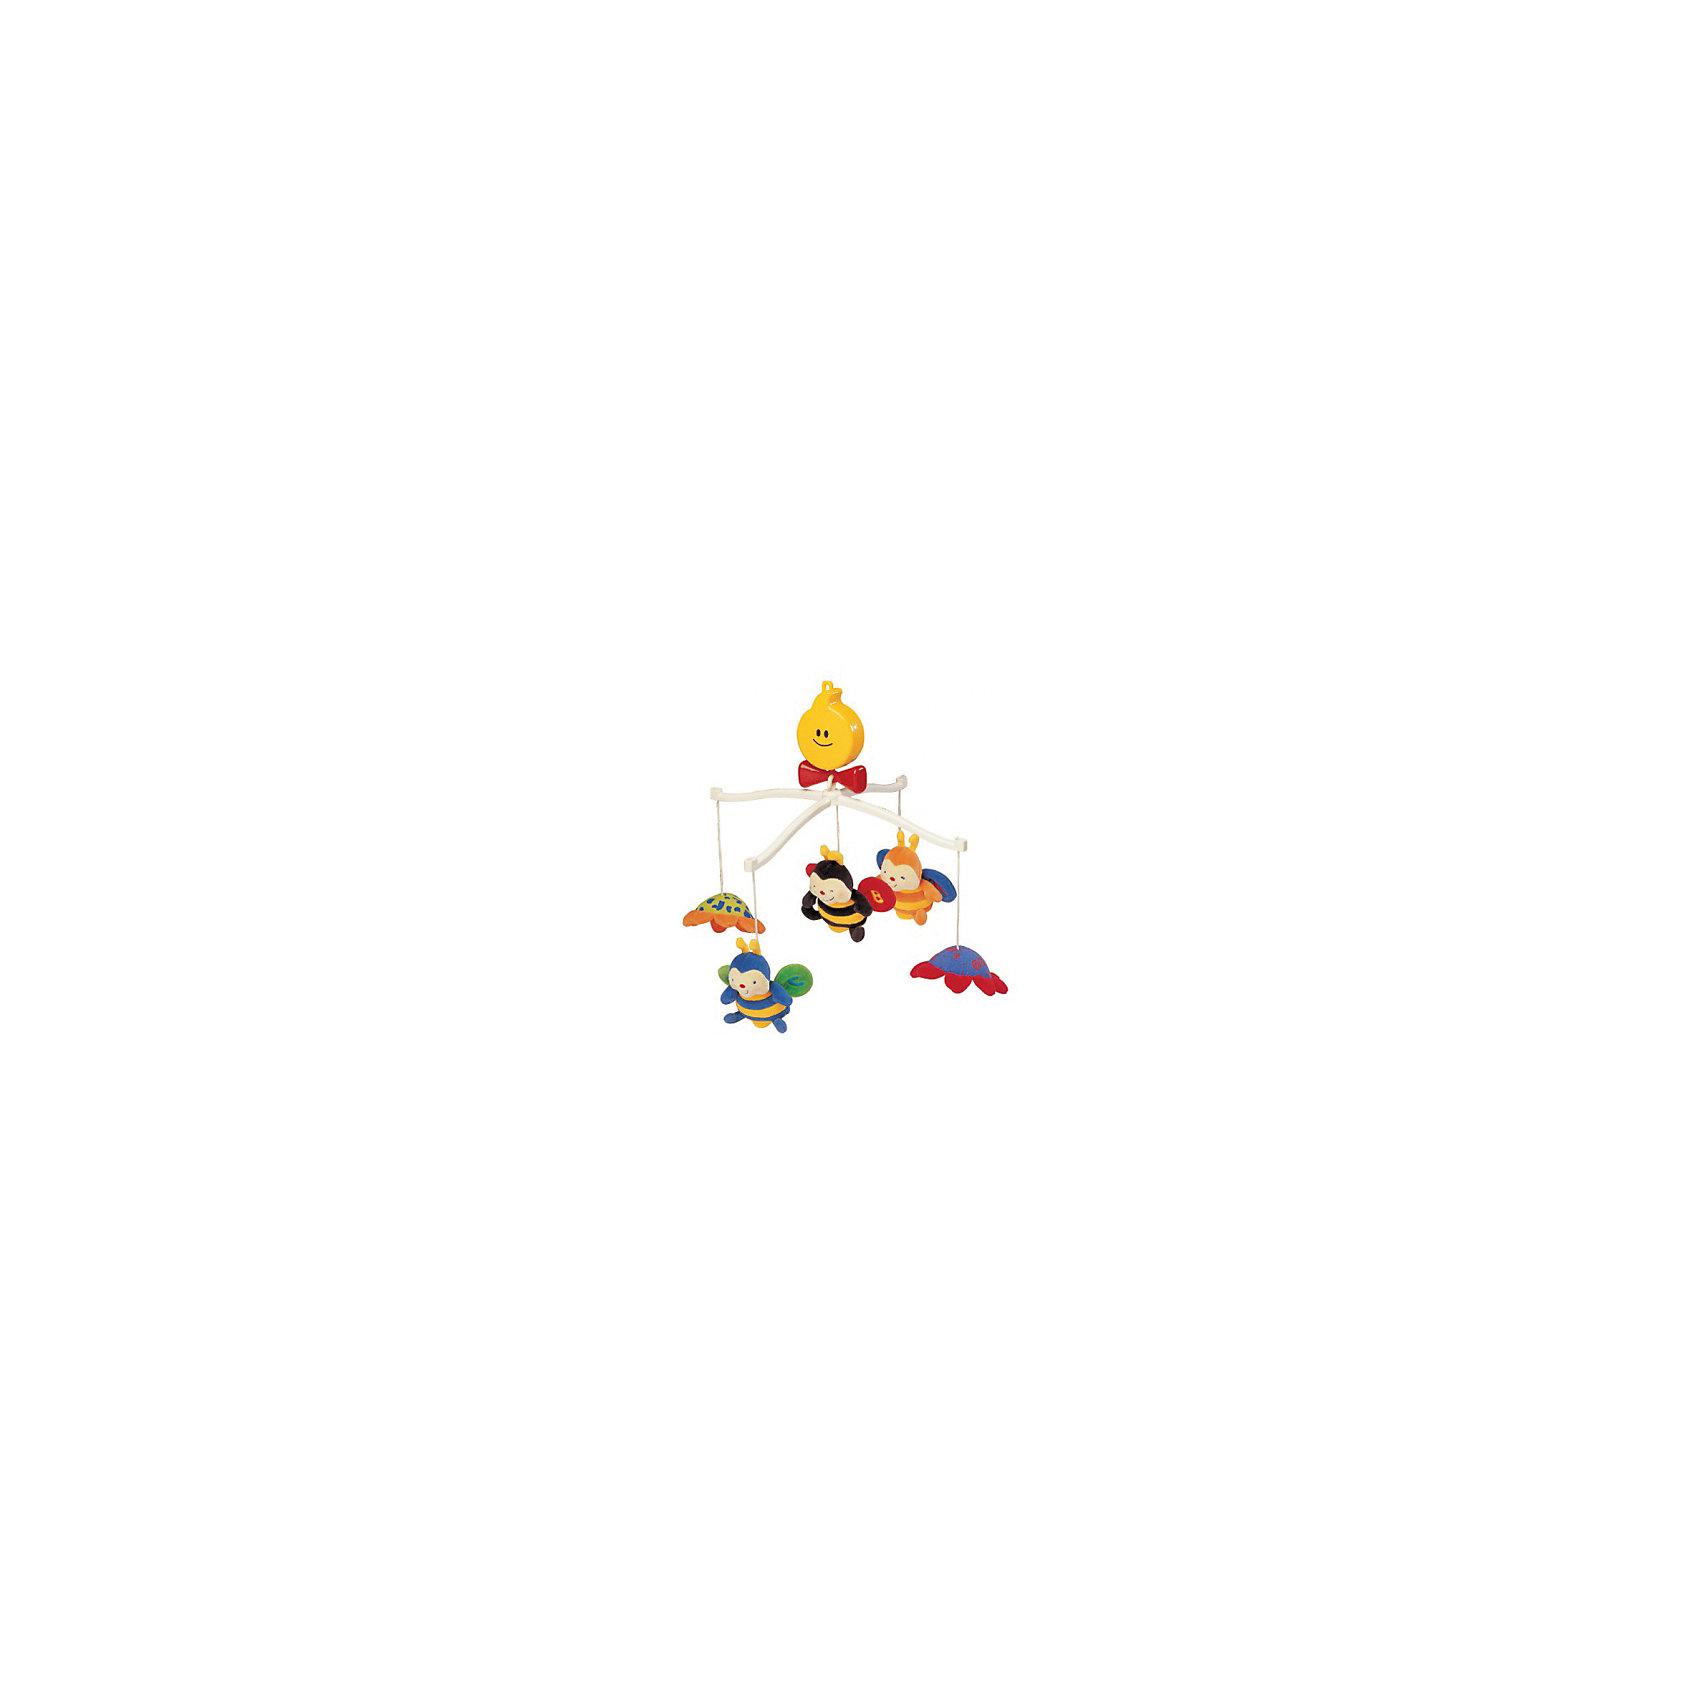 Крутящиеся музыкальные игрушки Пчелки, Ks KidsПодвески<br>Крутящиеся музыкальные игрушки Пчелки, Ks Kids (Кс Кидс) ? музыкальный мобиль, предназначенный для детской кроватки. Комплектация игрушки включает в себя заводной механизм, игрушки-подвески и держатель. Все элементы выполнены из экологически безопасных и качественных материалов. Каждая из подвесных игрушек наделена тем или иным функционалом: центральная пчелка ? погремушка, у двух других пчелок шуршат крылышки, а у цветочков имеются безопасные зеркала из пластика.  <br>В движение мобиль приводится от механического завода, который оформлен в стиле яркого солнышка с красным бантиком. Плавные движения мобиля сопровождаются приятной успокаивающей музыкой, которая будет способствовать быстрому засыпанию вашего малыша. <br>Крутящиеся музыкальные игрушки Пчелки, Ks Kids (Кс Кидс) направлены на развитие зрительных и слуховых функций ребенка, учат концентрировать внимание на понравившемся предмете. Для малыша постарше подвесные игрушки могут быть использованы в качестве отдельных игрушек.<br><br>Дополнительная информация:<br><br>- Вид игр: развивающие<br>- Предназначение: для дома<br>- Материал: текстиль, пластик<br>- Размер: 37*63*37 см<br>- Вес: 605 г<br>- Комплектация: заводной механизм, держатель, дуги, 3 пчелки, 2 цветочка зеркальца<br>- Особенности ухода: текстильные игрушки можно стирать, пластиковые элементы мыть, заводной механизм протирать влажной губкой <br><br>Подробнее:<br><br>• Для детей в возрасте: от 0 месяцев до 1 года<br>• Страна производитель: Китай<br>• Торговый бренд: Ks Kids<br><br>Крутящиеся музыкальные игрушки Пчелки, Ks Kids (Кс Кидс) можно купить в нашем интернет-магазине.<br><br>Ширина мм: 370<br>Глубина мм: 630<br>Высота мм: 370<br>Вес г: 605<br>Возраст от месяцев: 0<br>Возраст до месяцев: 12<br>Пол: Унисекс<br>Возраст: Детский<br>SKU: 4799439